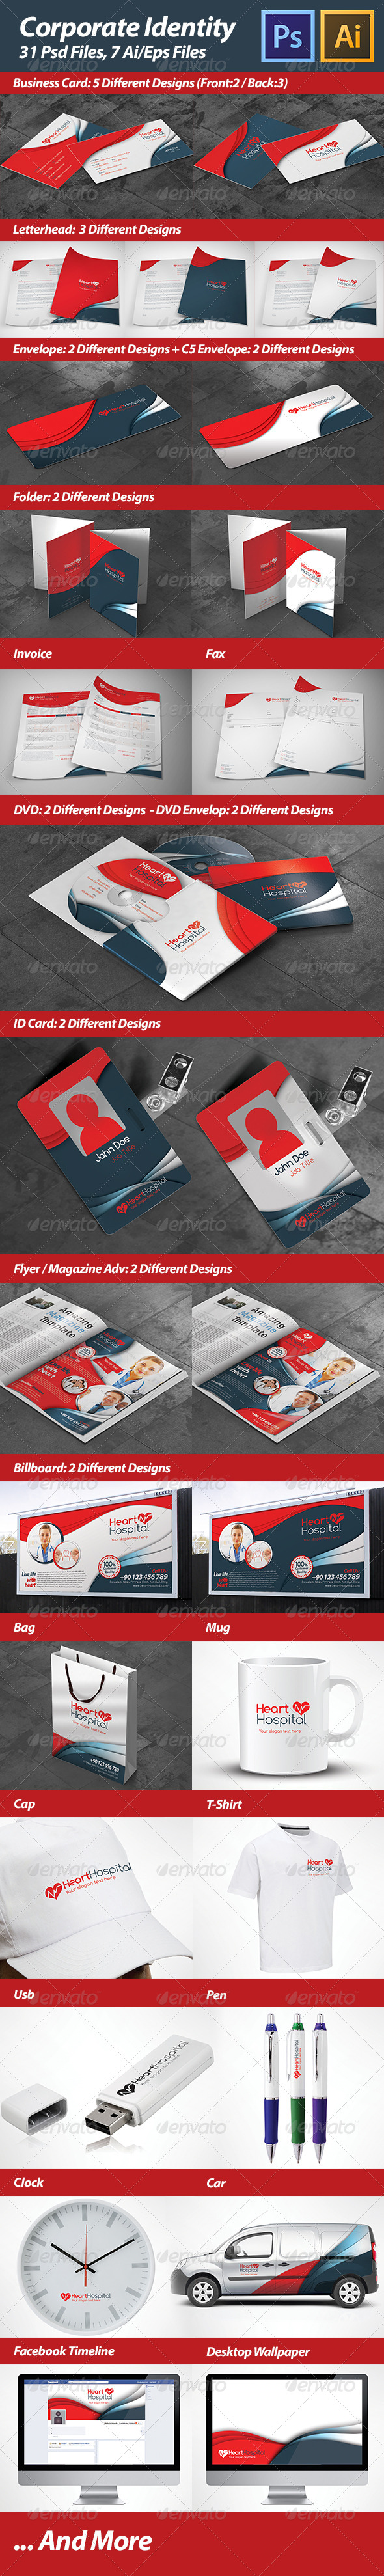 GraphicRiver Corporate Identity 4758830